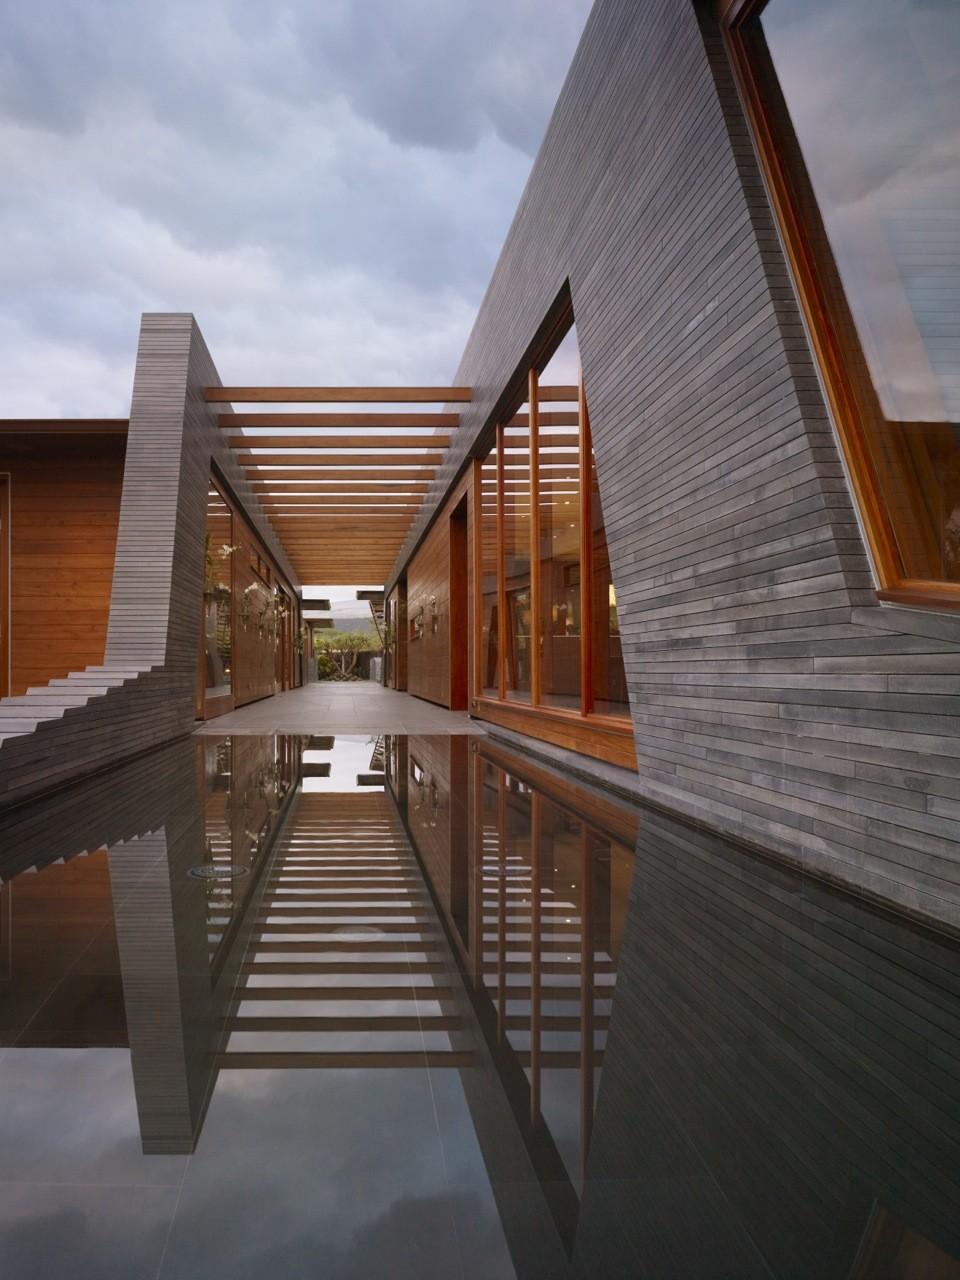 Kona Residence / Belzberg Architects, © Benny Chan (Fotoworks)